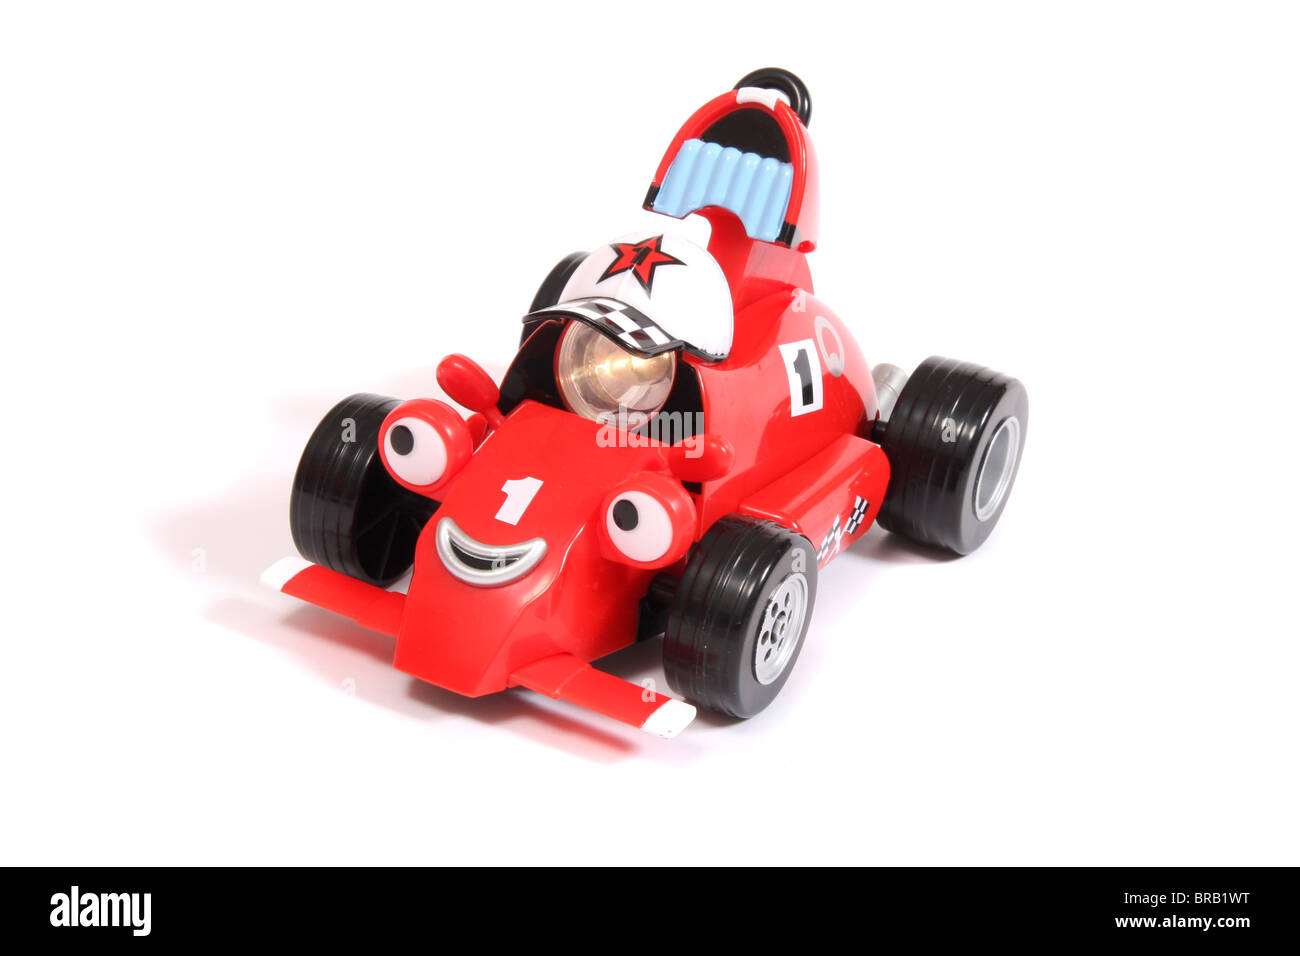 Toy Racing Car Stock Photos Amp Toy Racing Car Stock Images